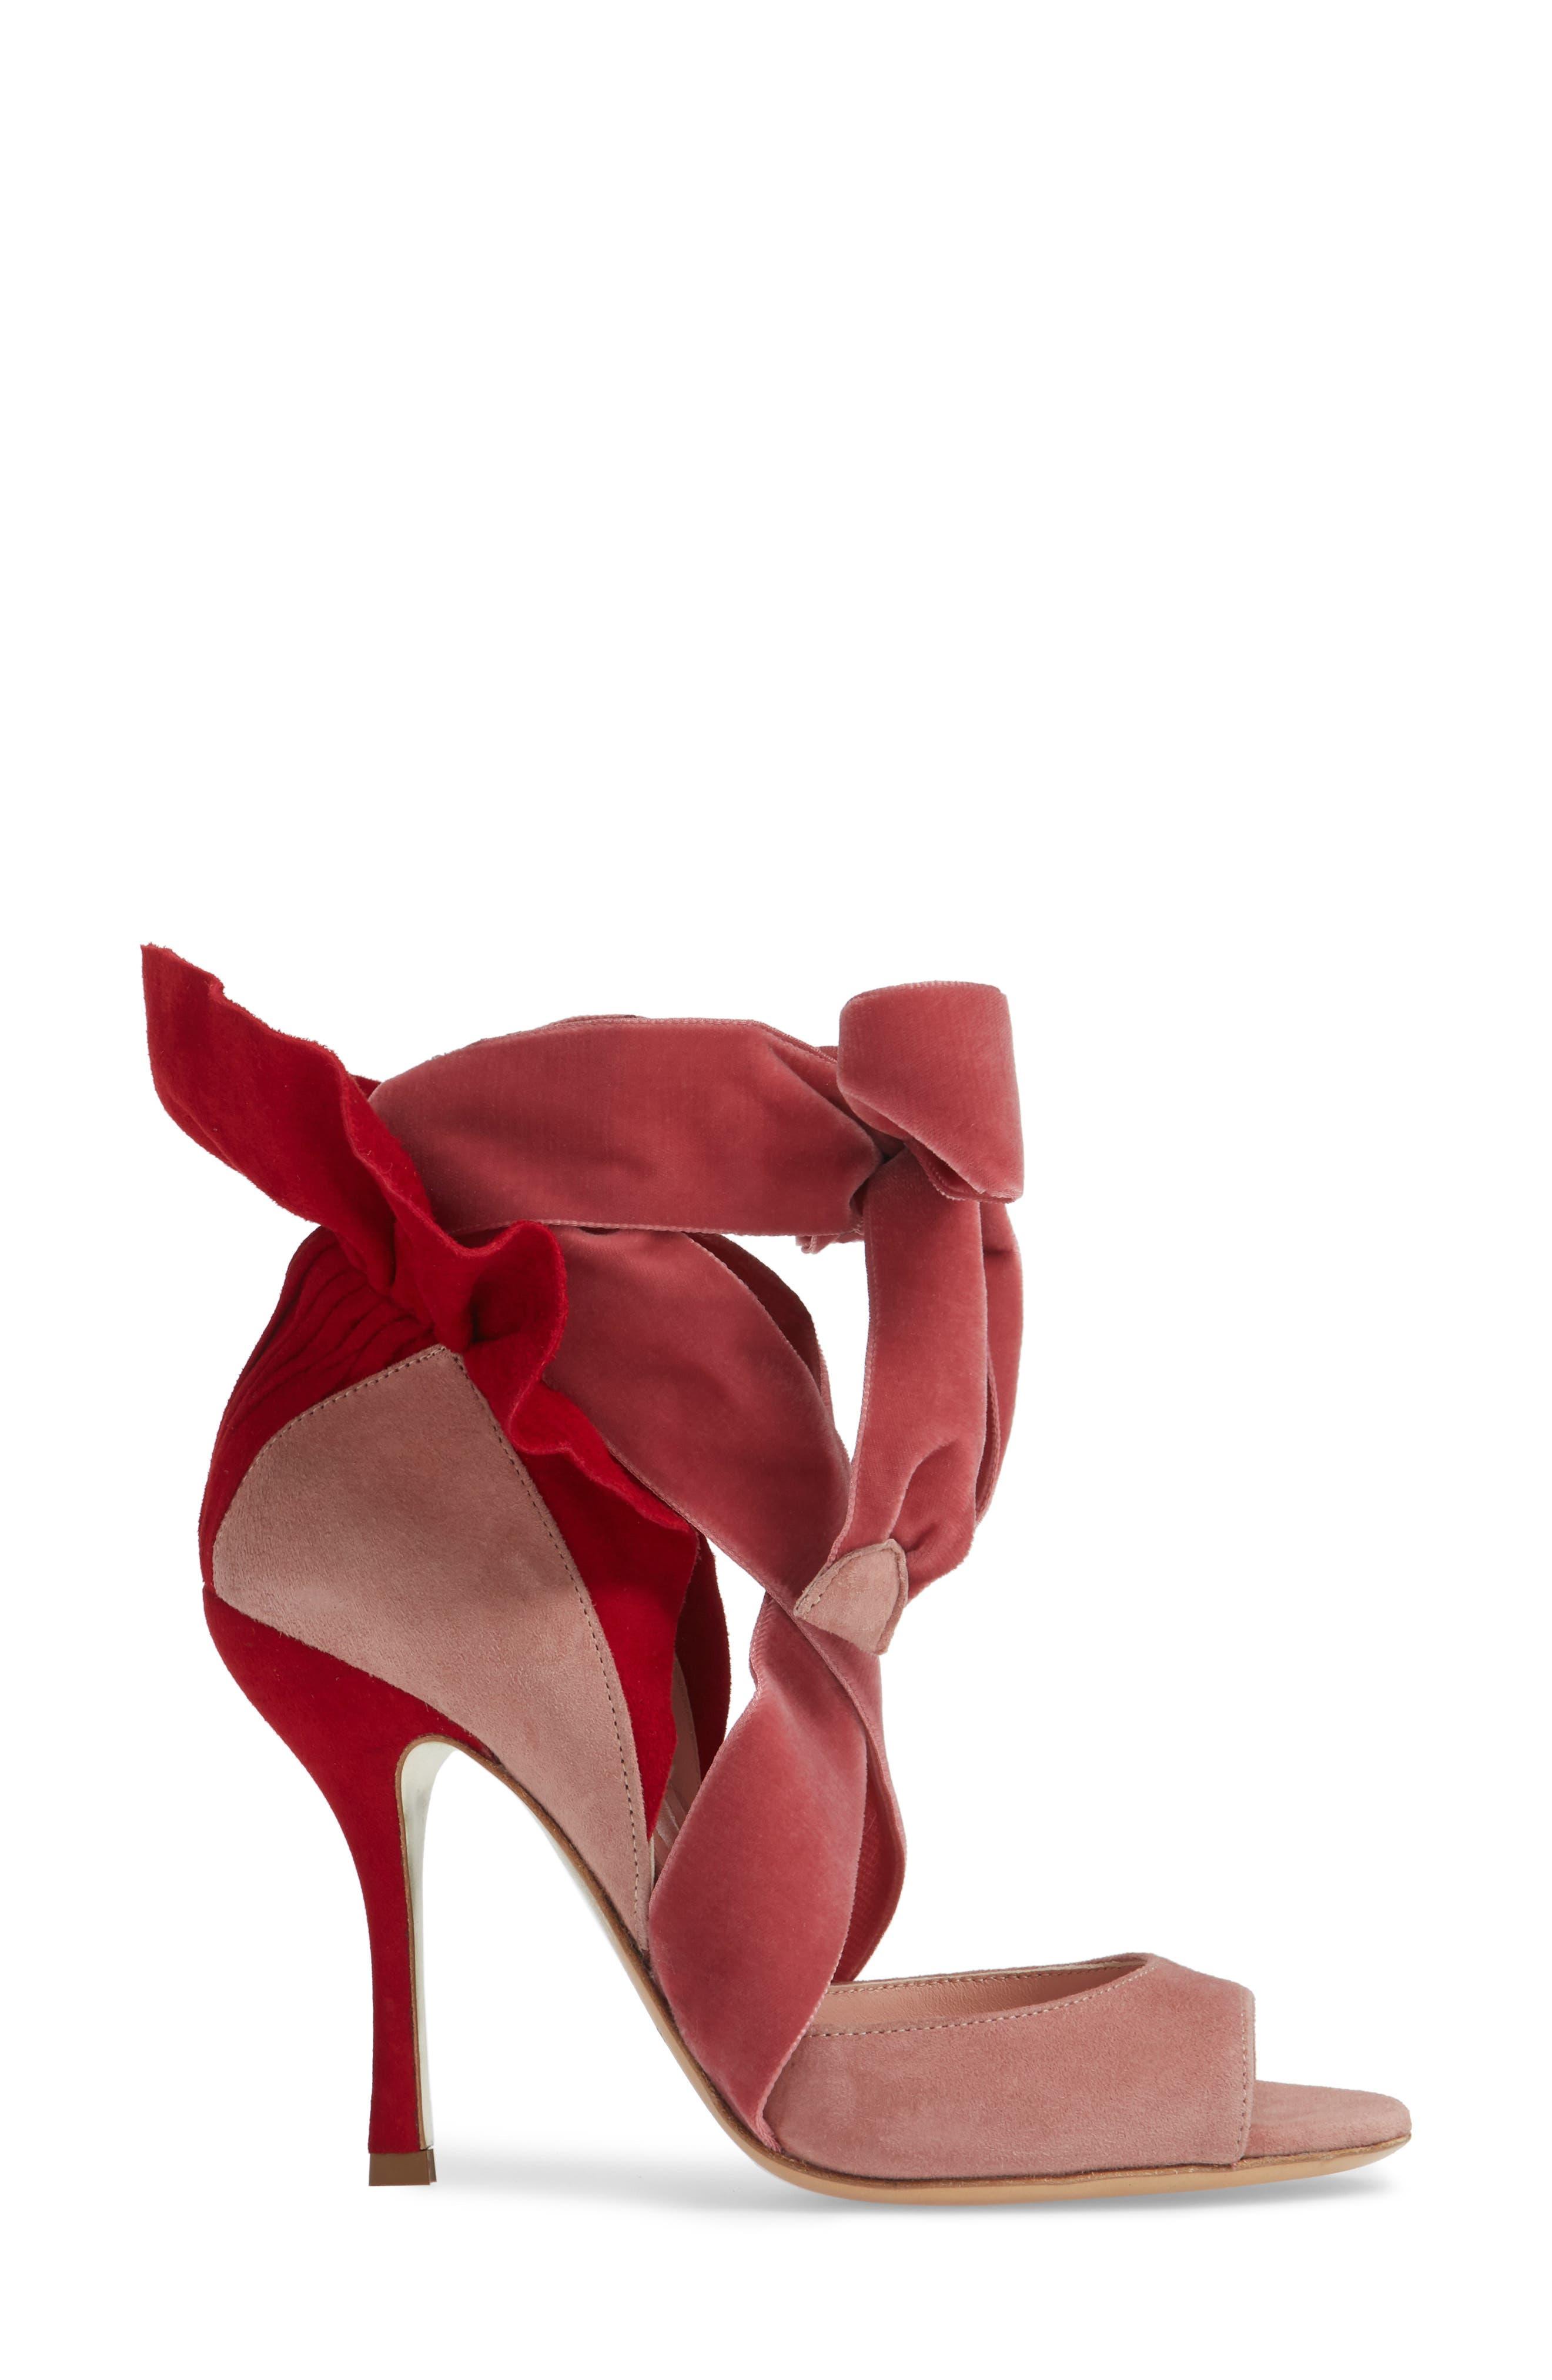 Frills For All Sandal,                             Alternate thumbnail 5, color,                             Rose/ Red